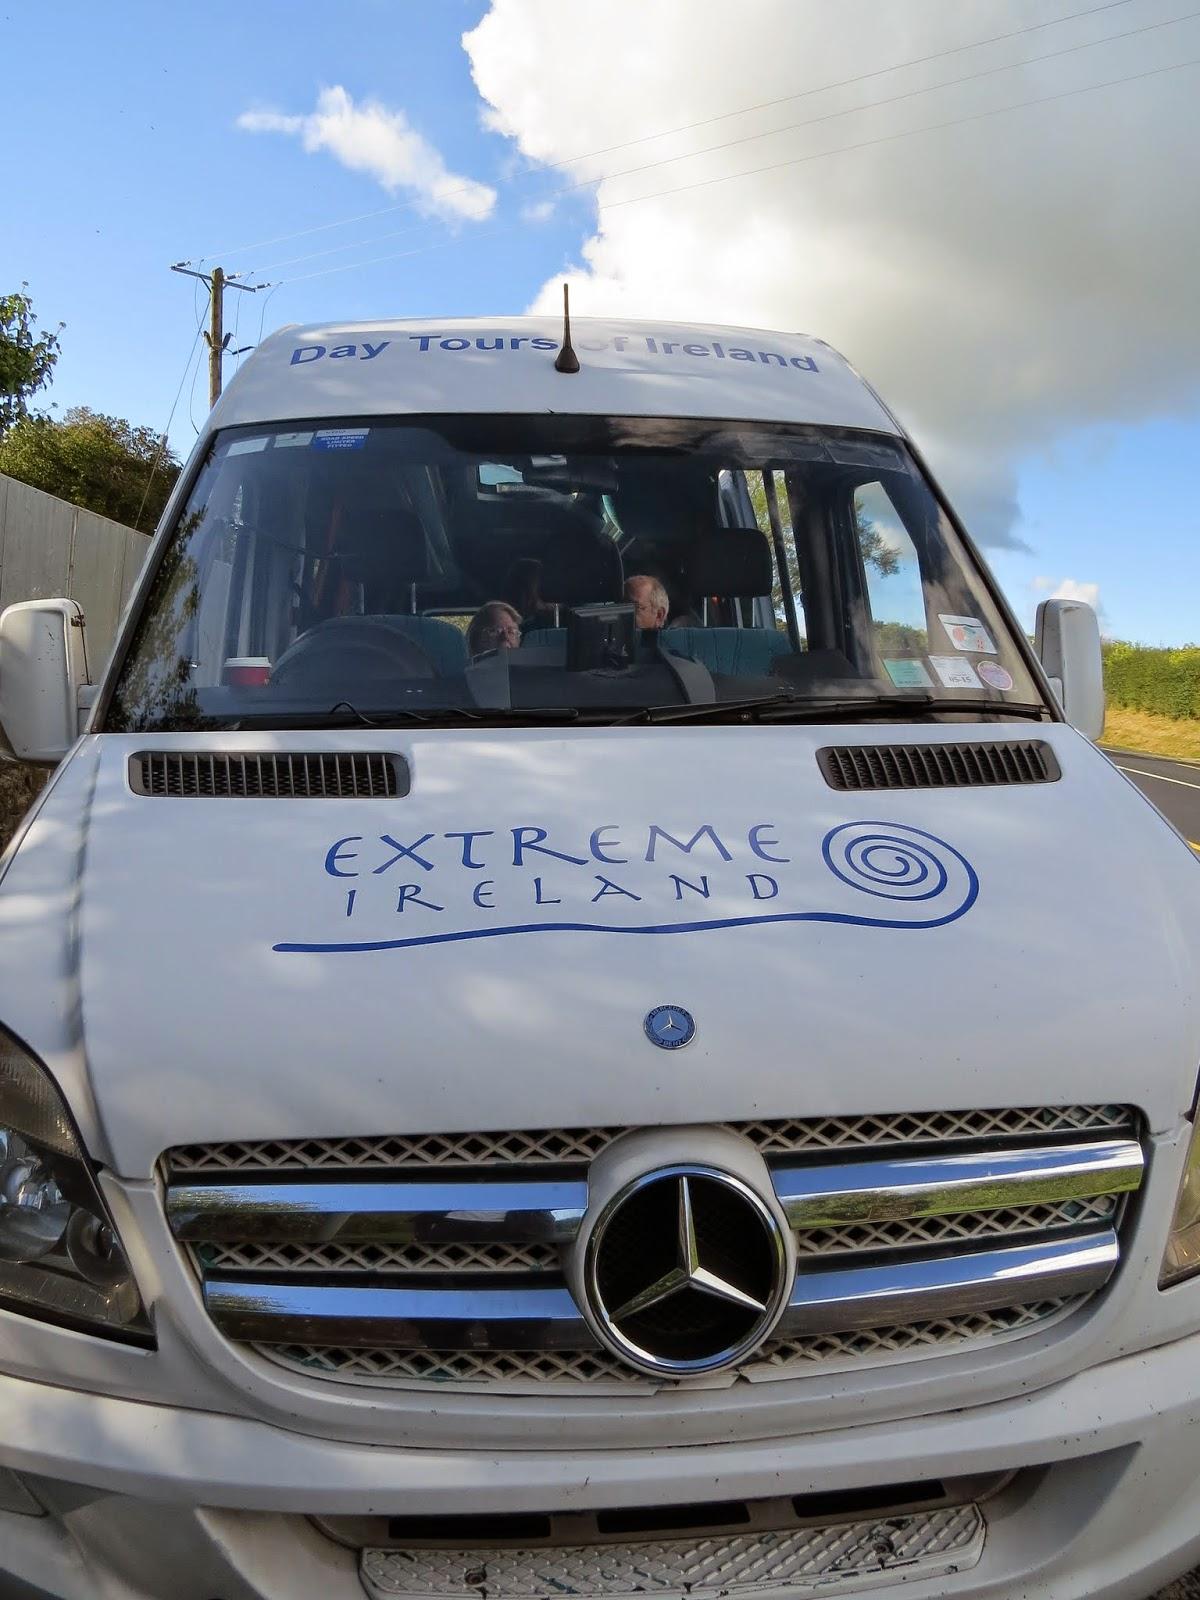 Extreme Ireland - Tour Van